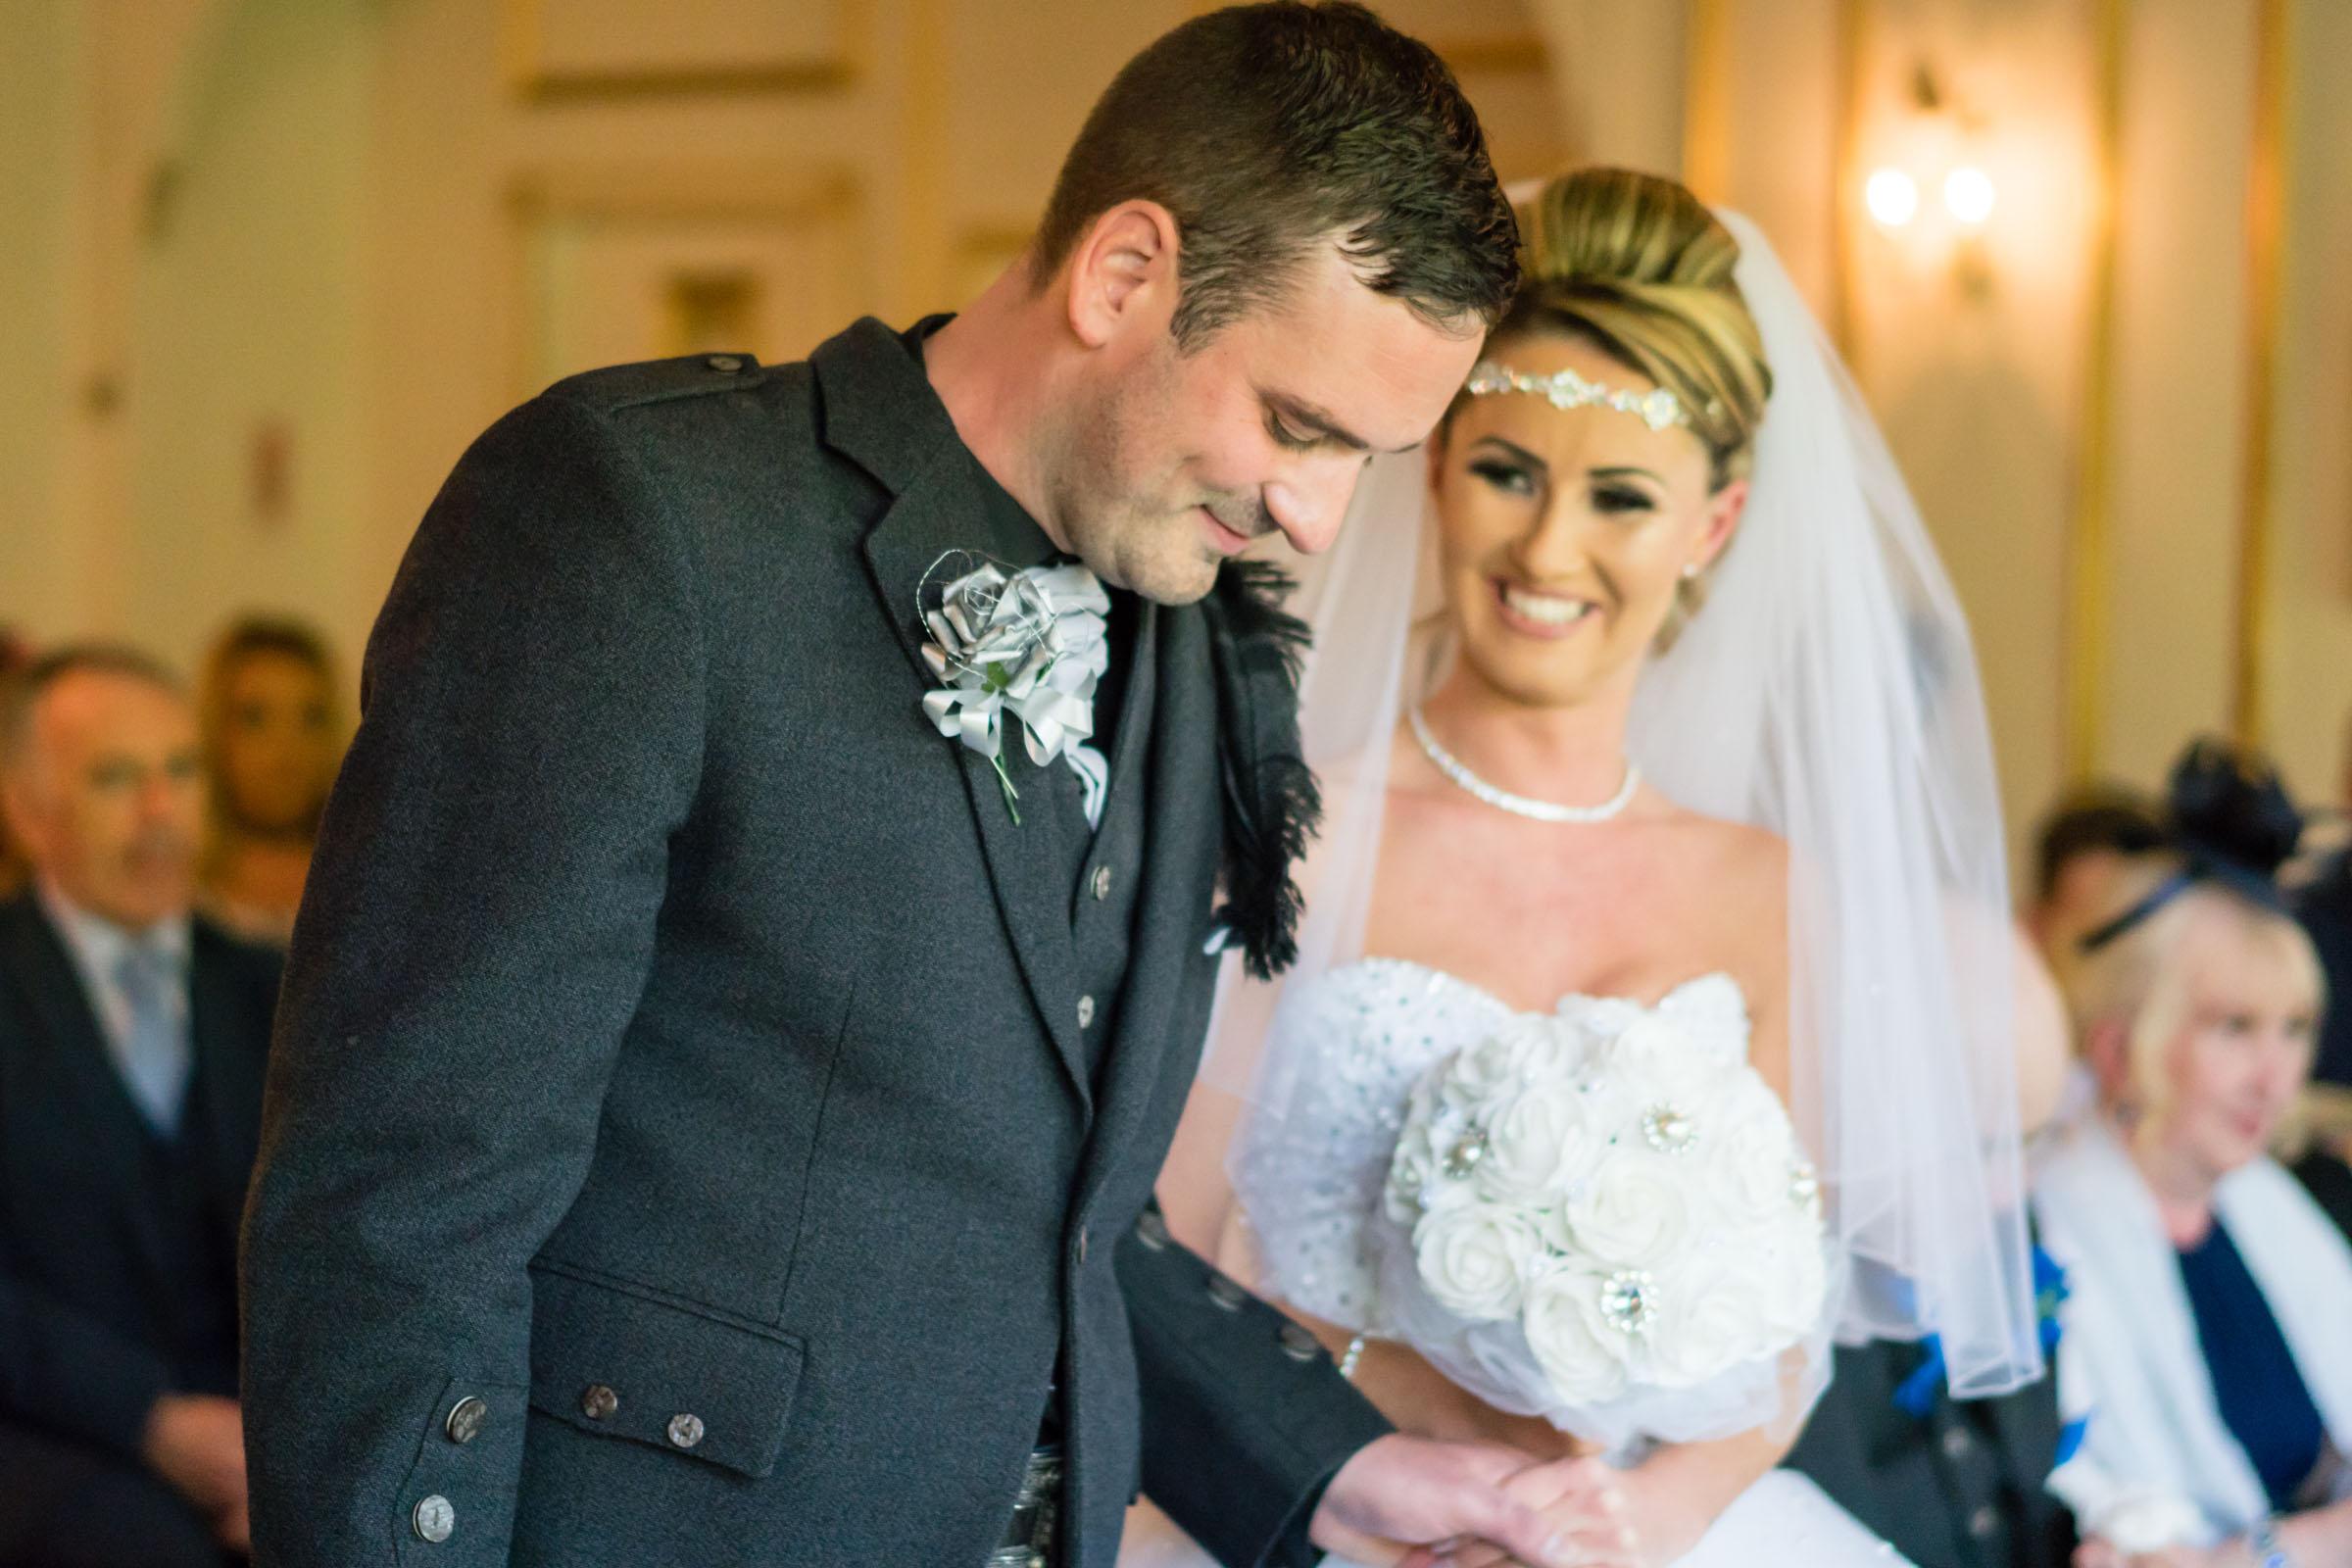 dalmeny-park-glasgow-wedding-dearlyphotography (4 of 16).jpg